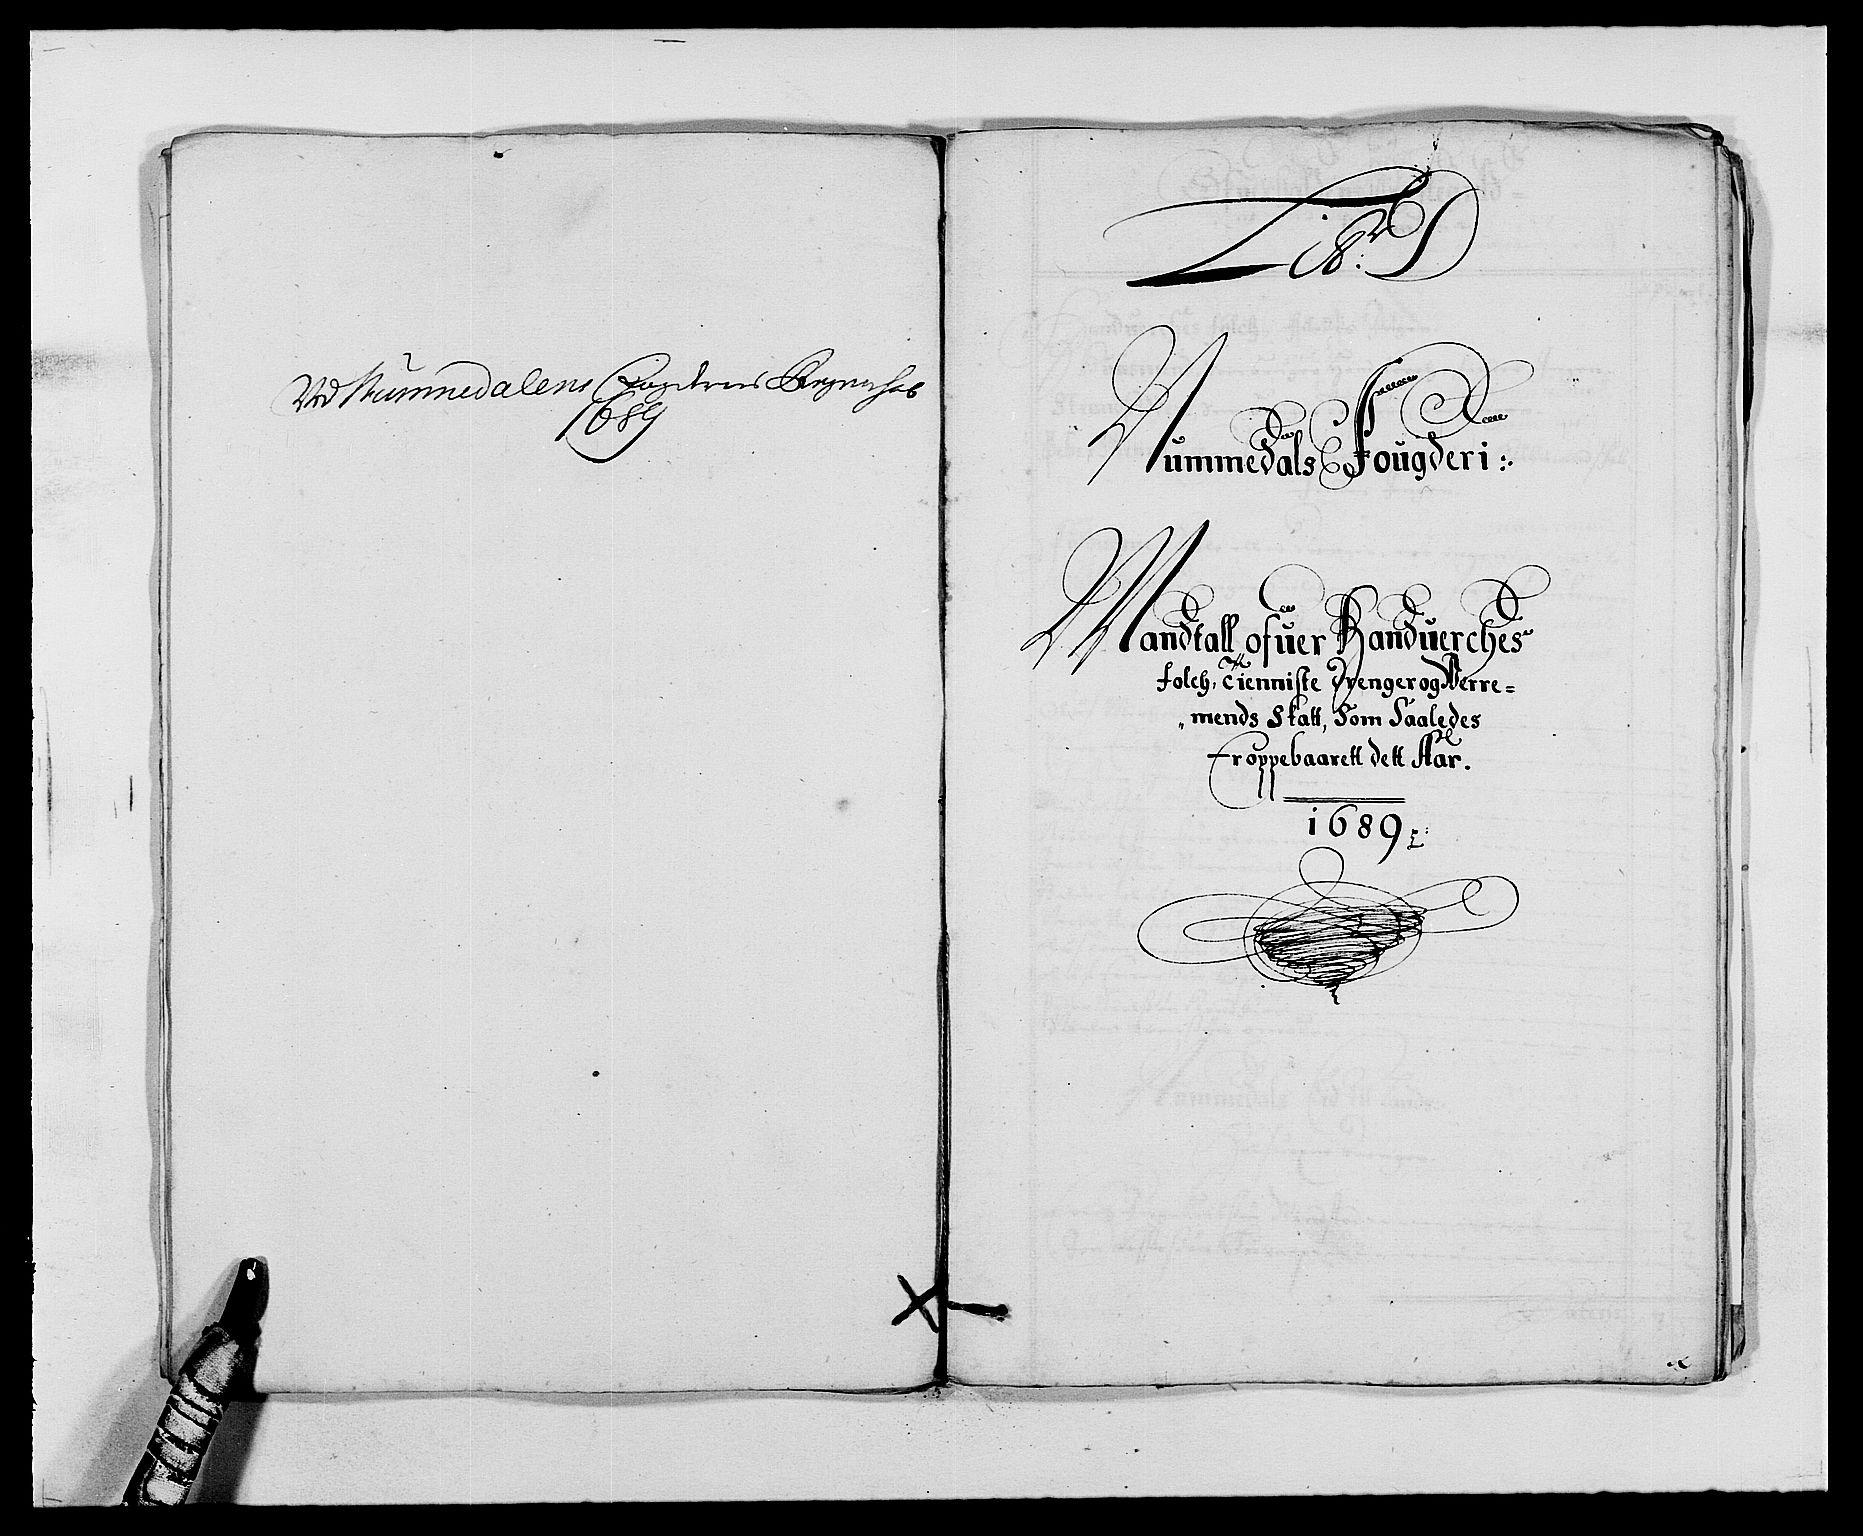 RA, Rentekammeret inntil 1814, Reviderte regnskaper, Fogderegnskap, R64/L4422: Fogderegnskap Namdal, 1687-1689, s. 216